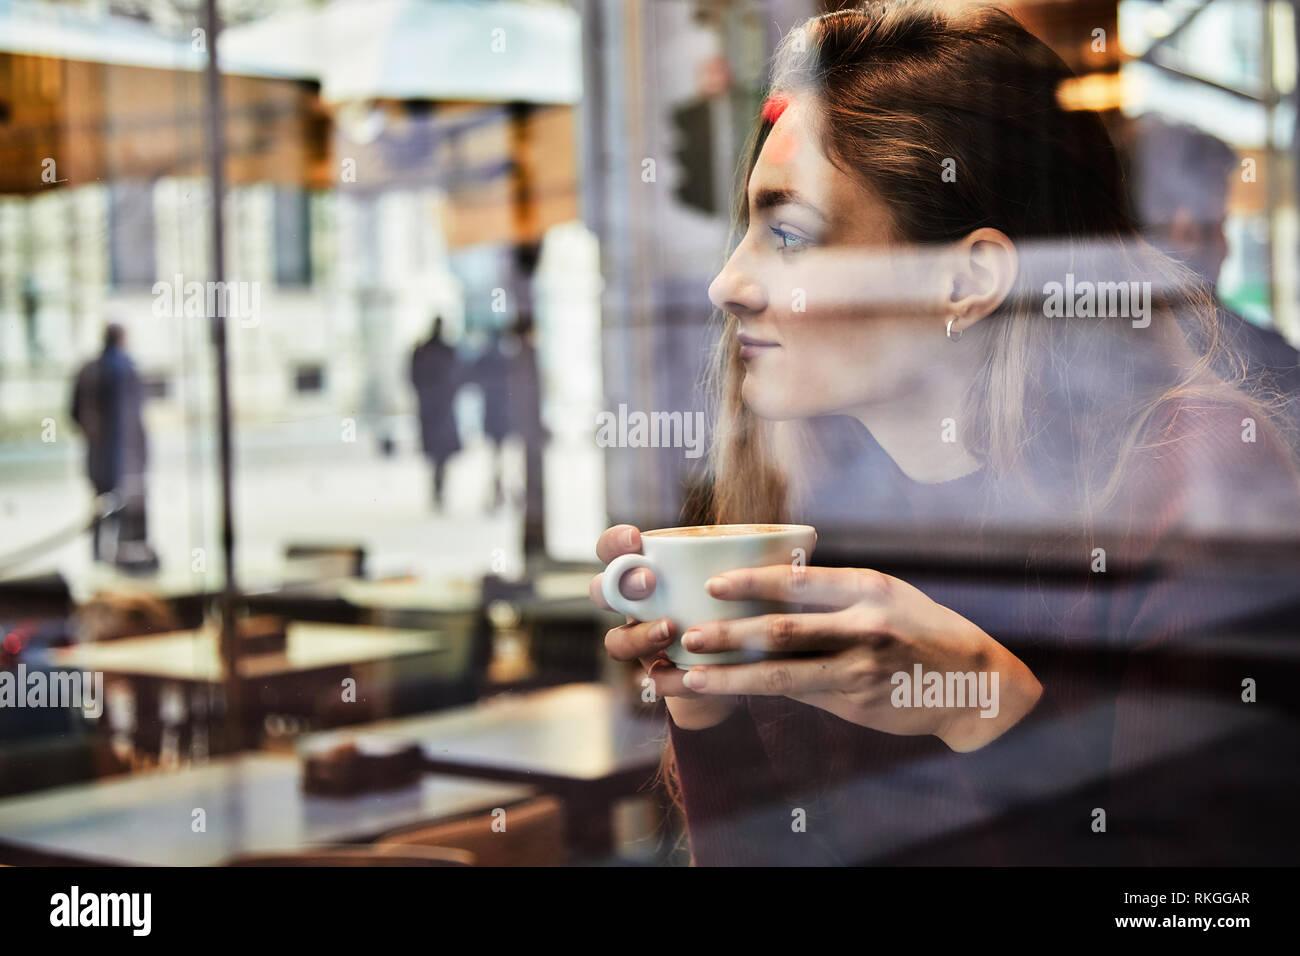 Girl daydreaming tandis que détient une tasse de café au café du coin, concept photo au travers de la fenêtre de l'effet de la ville avec la réflexion Banque D'Images